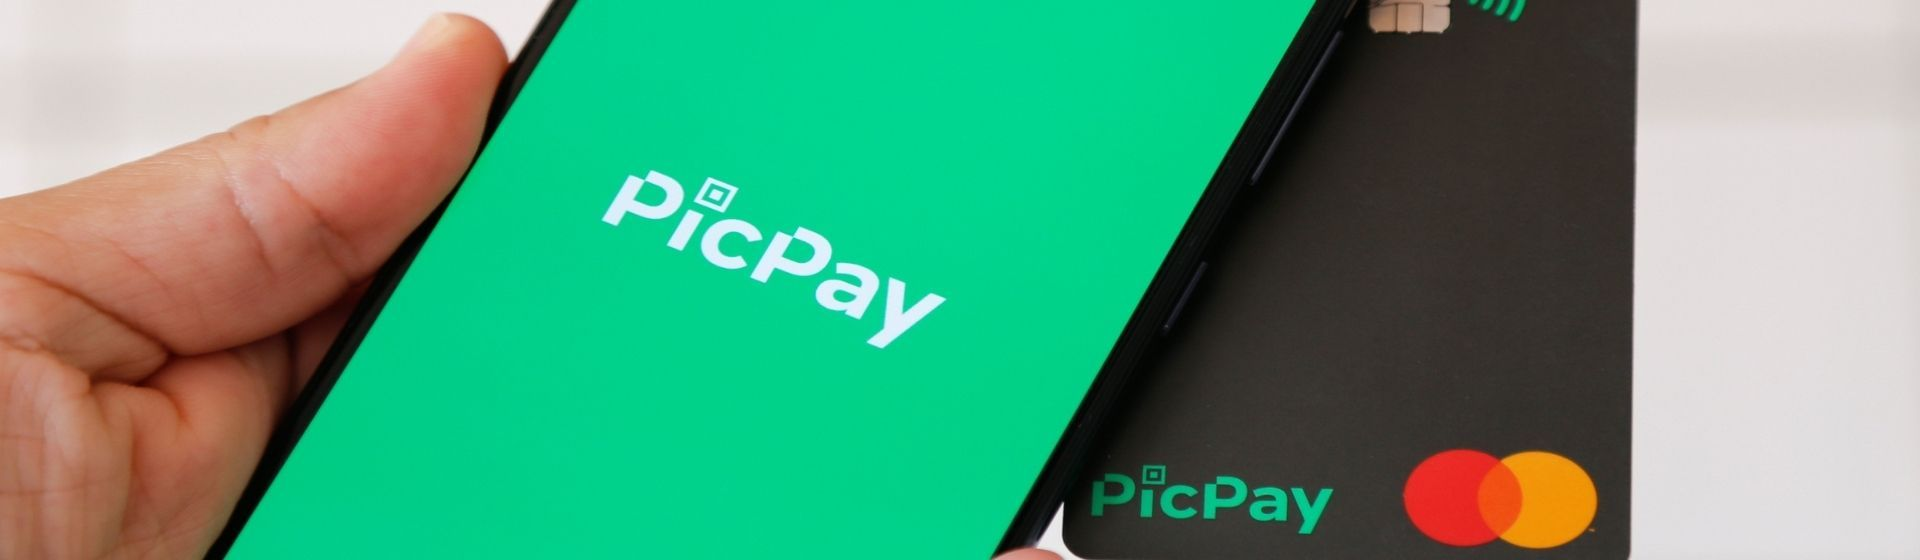 PicPay: o que é e como funciona?